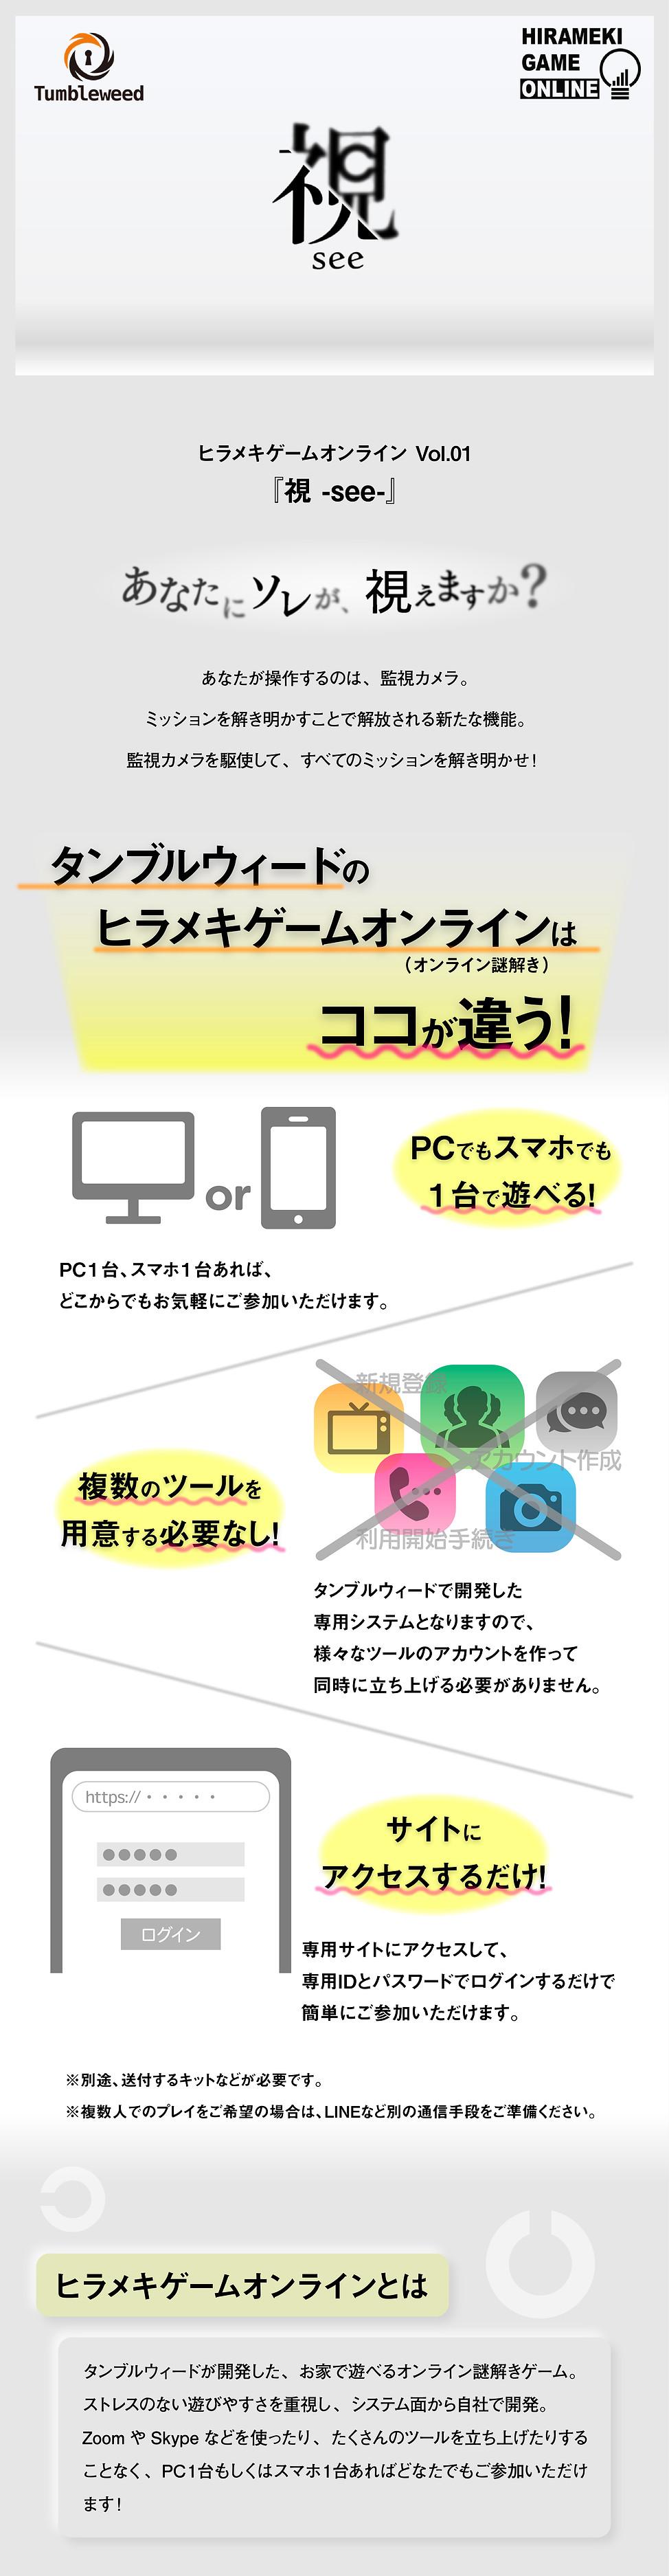 see_1.jpg